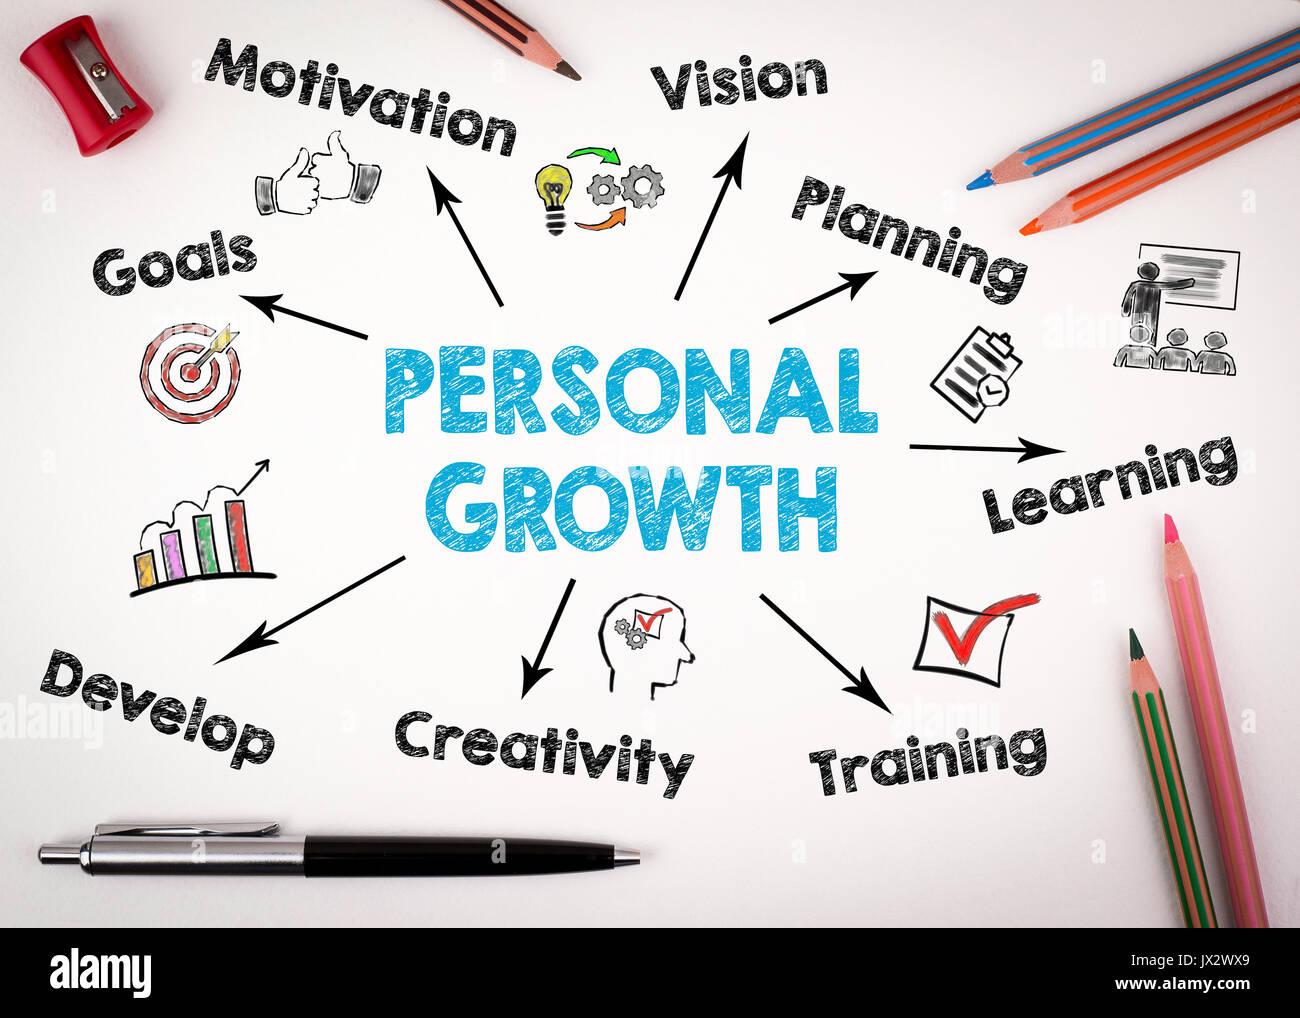 Persönliches Wachstum Konzept. Diagramm mit Stichworten und Symbole auf dem weißen Hintergrund. Stockbild